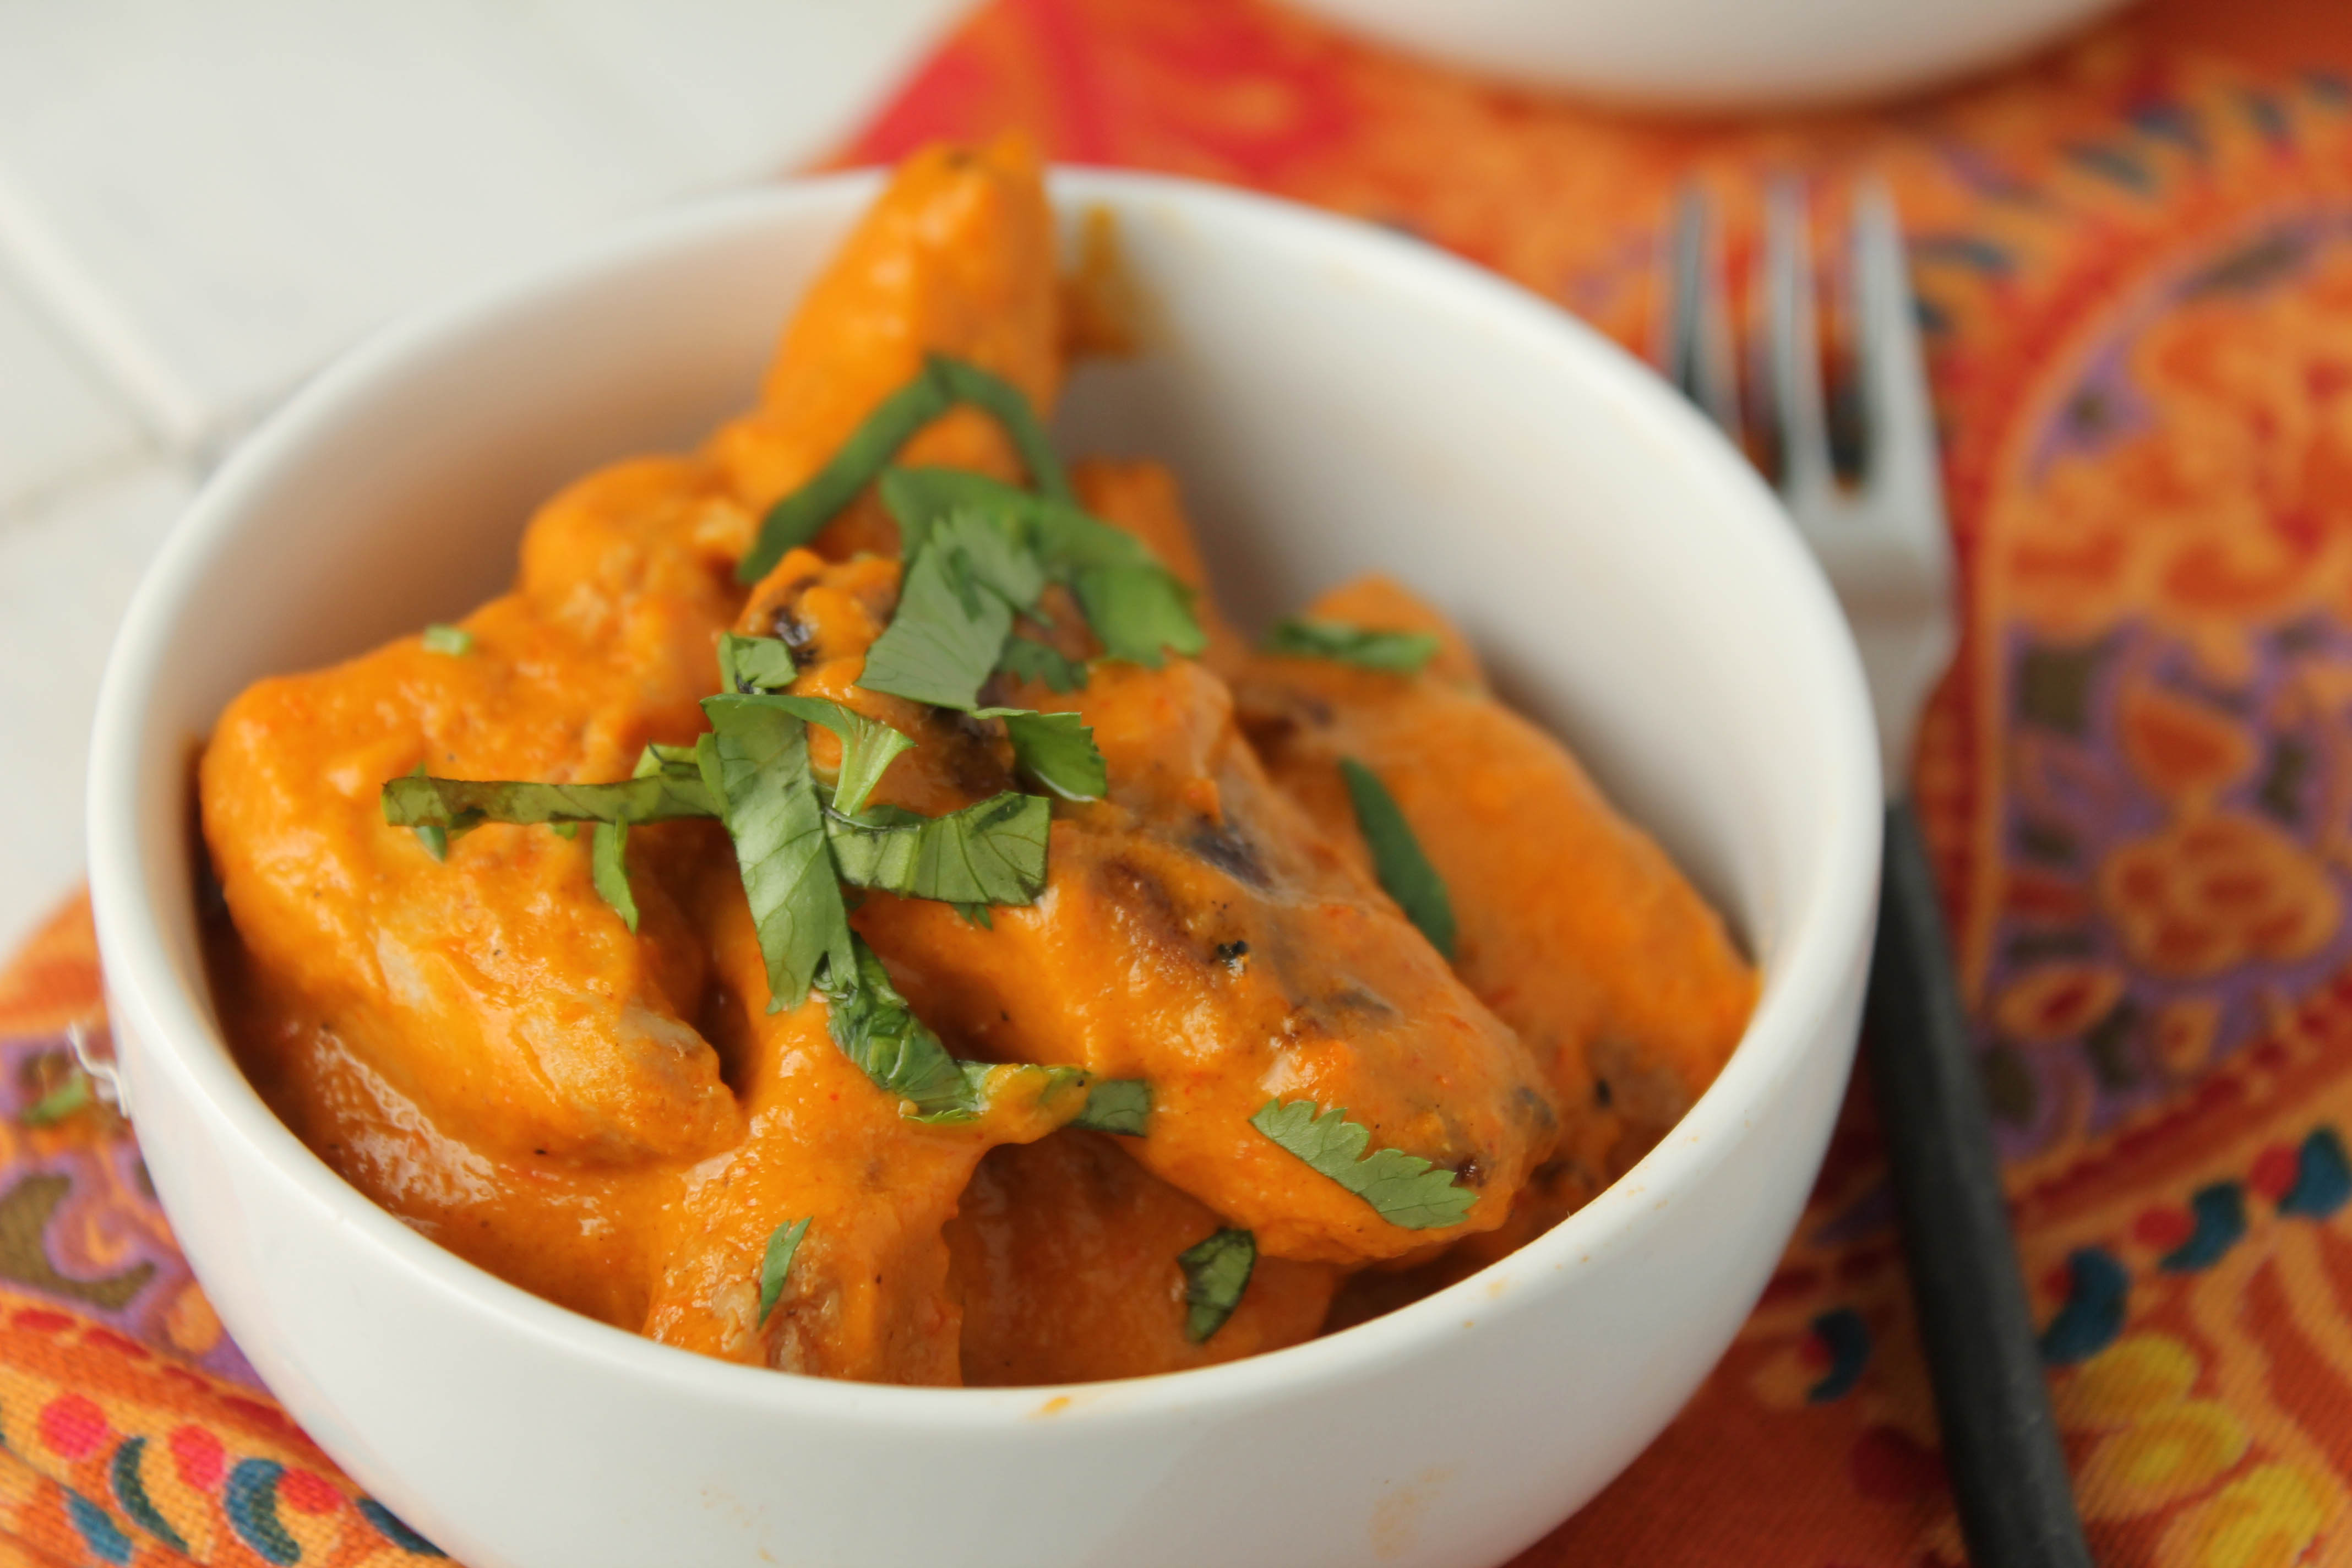 Indian Restaurant Chicken Tikka Masala Recipe